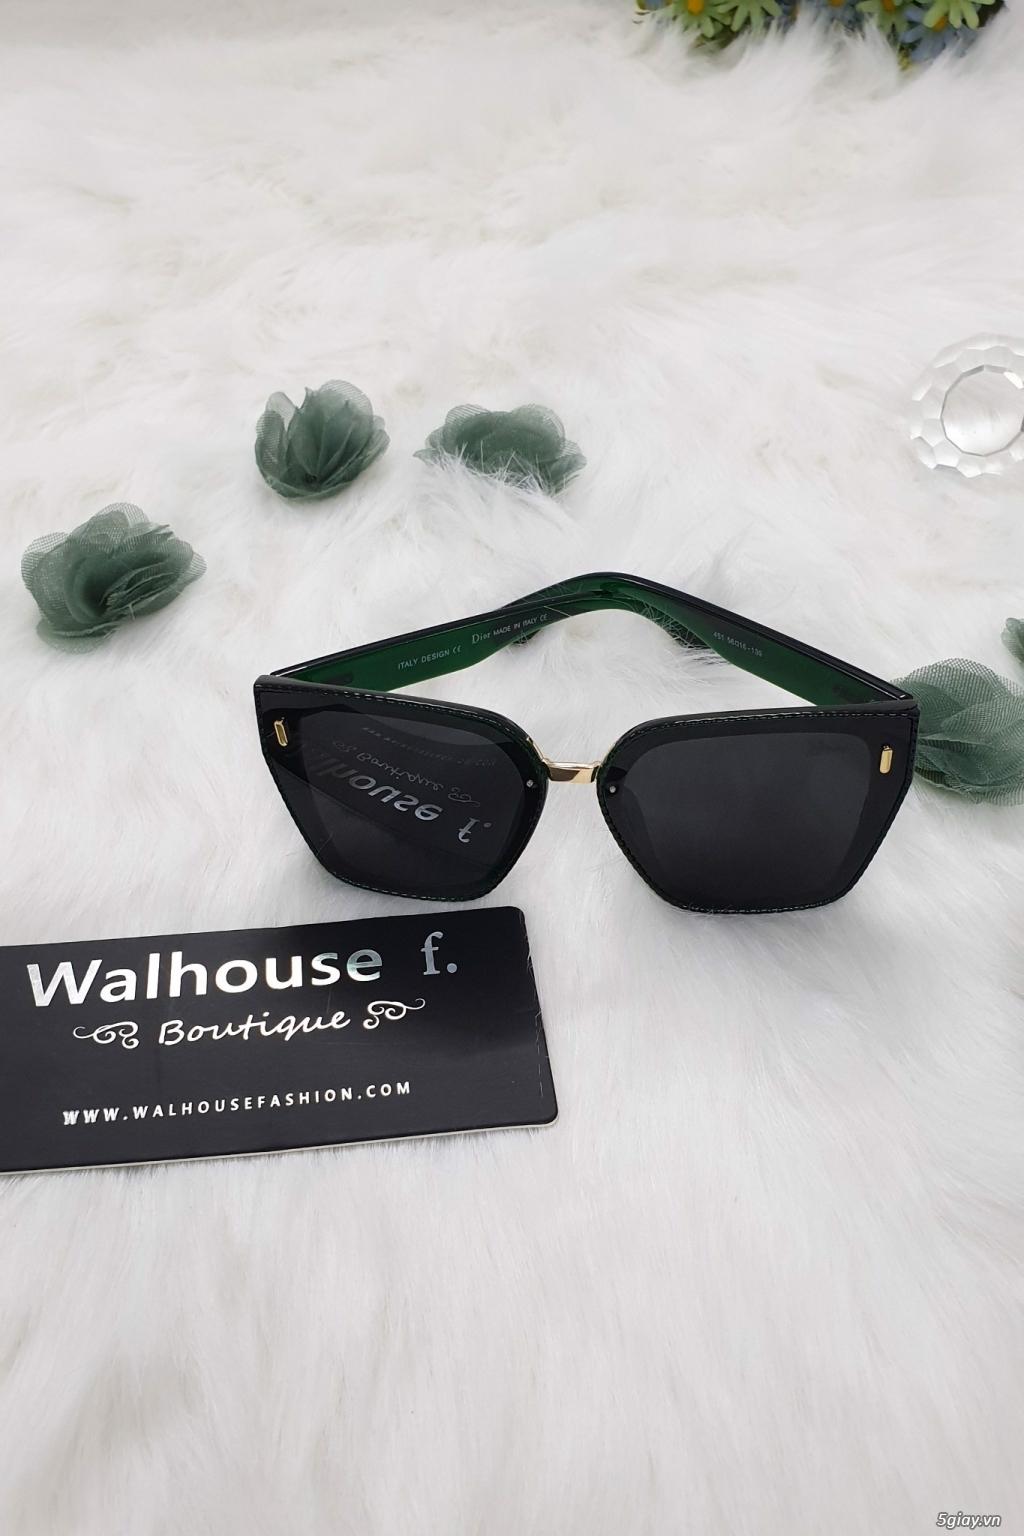 Wal House Fashion - Dây nịt, cài áo, vòng tay, mắt kiếng....... - 27